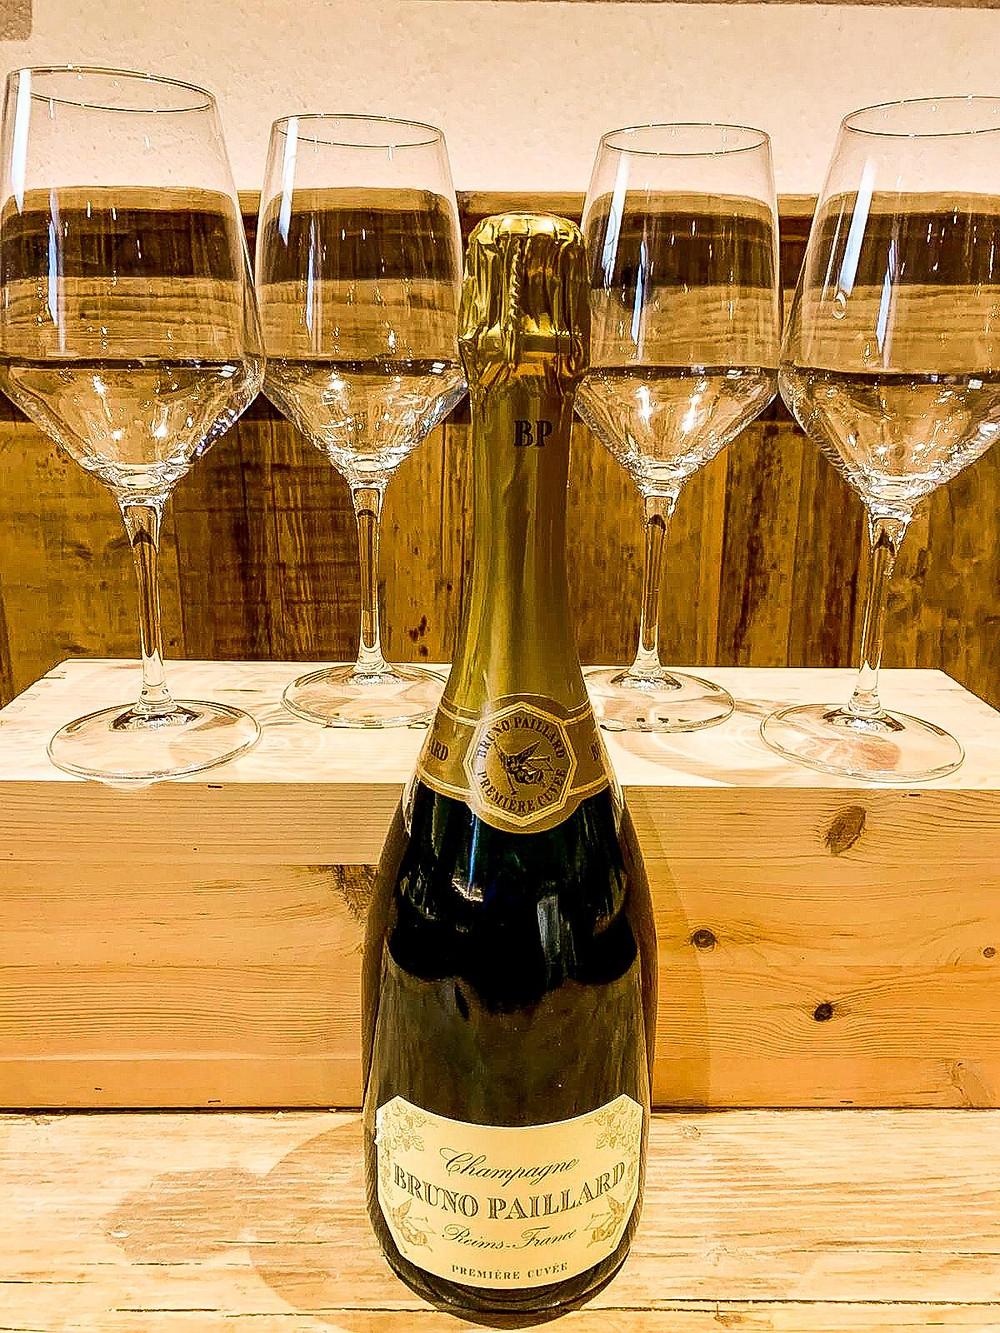 Champagne Bruno Paillard dalla Cantina del Caffè Monte Baldo